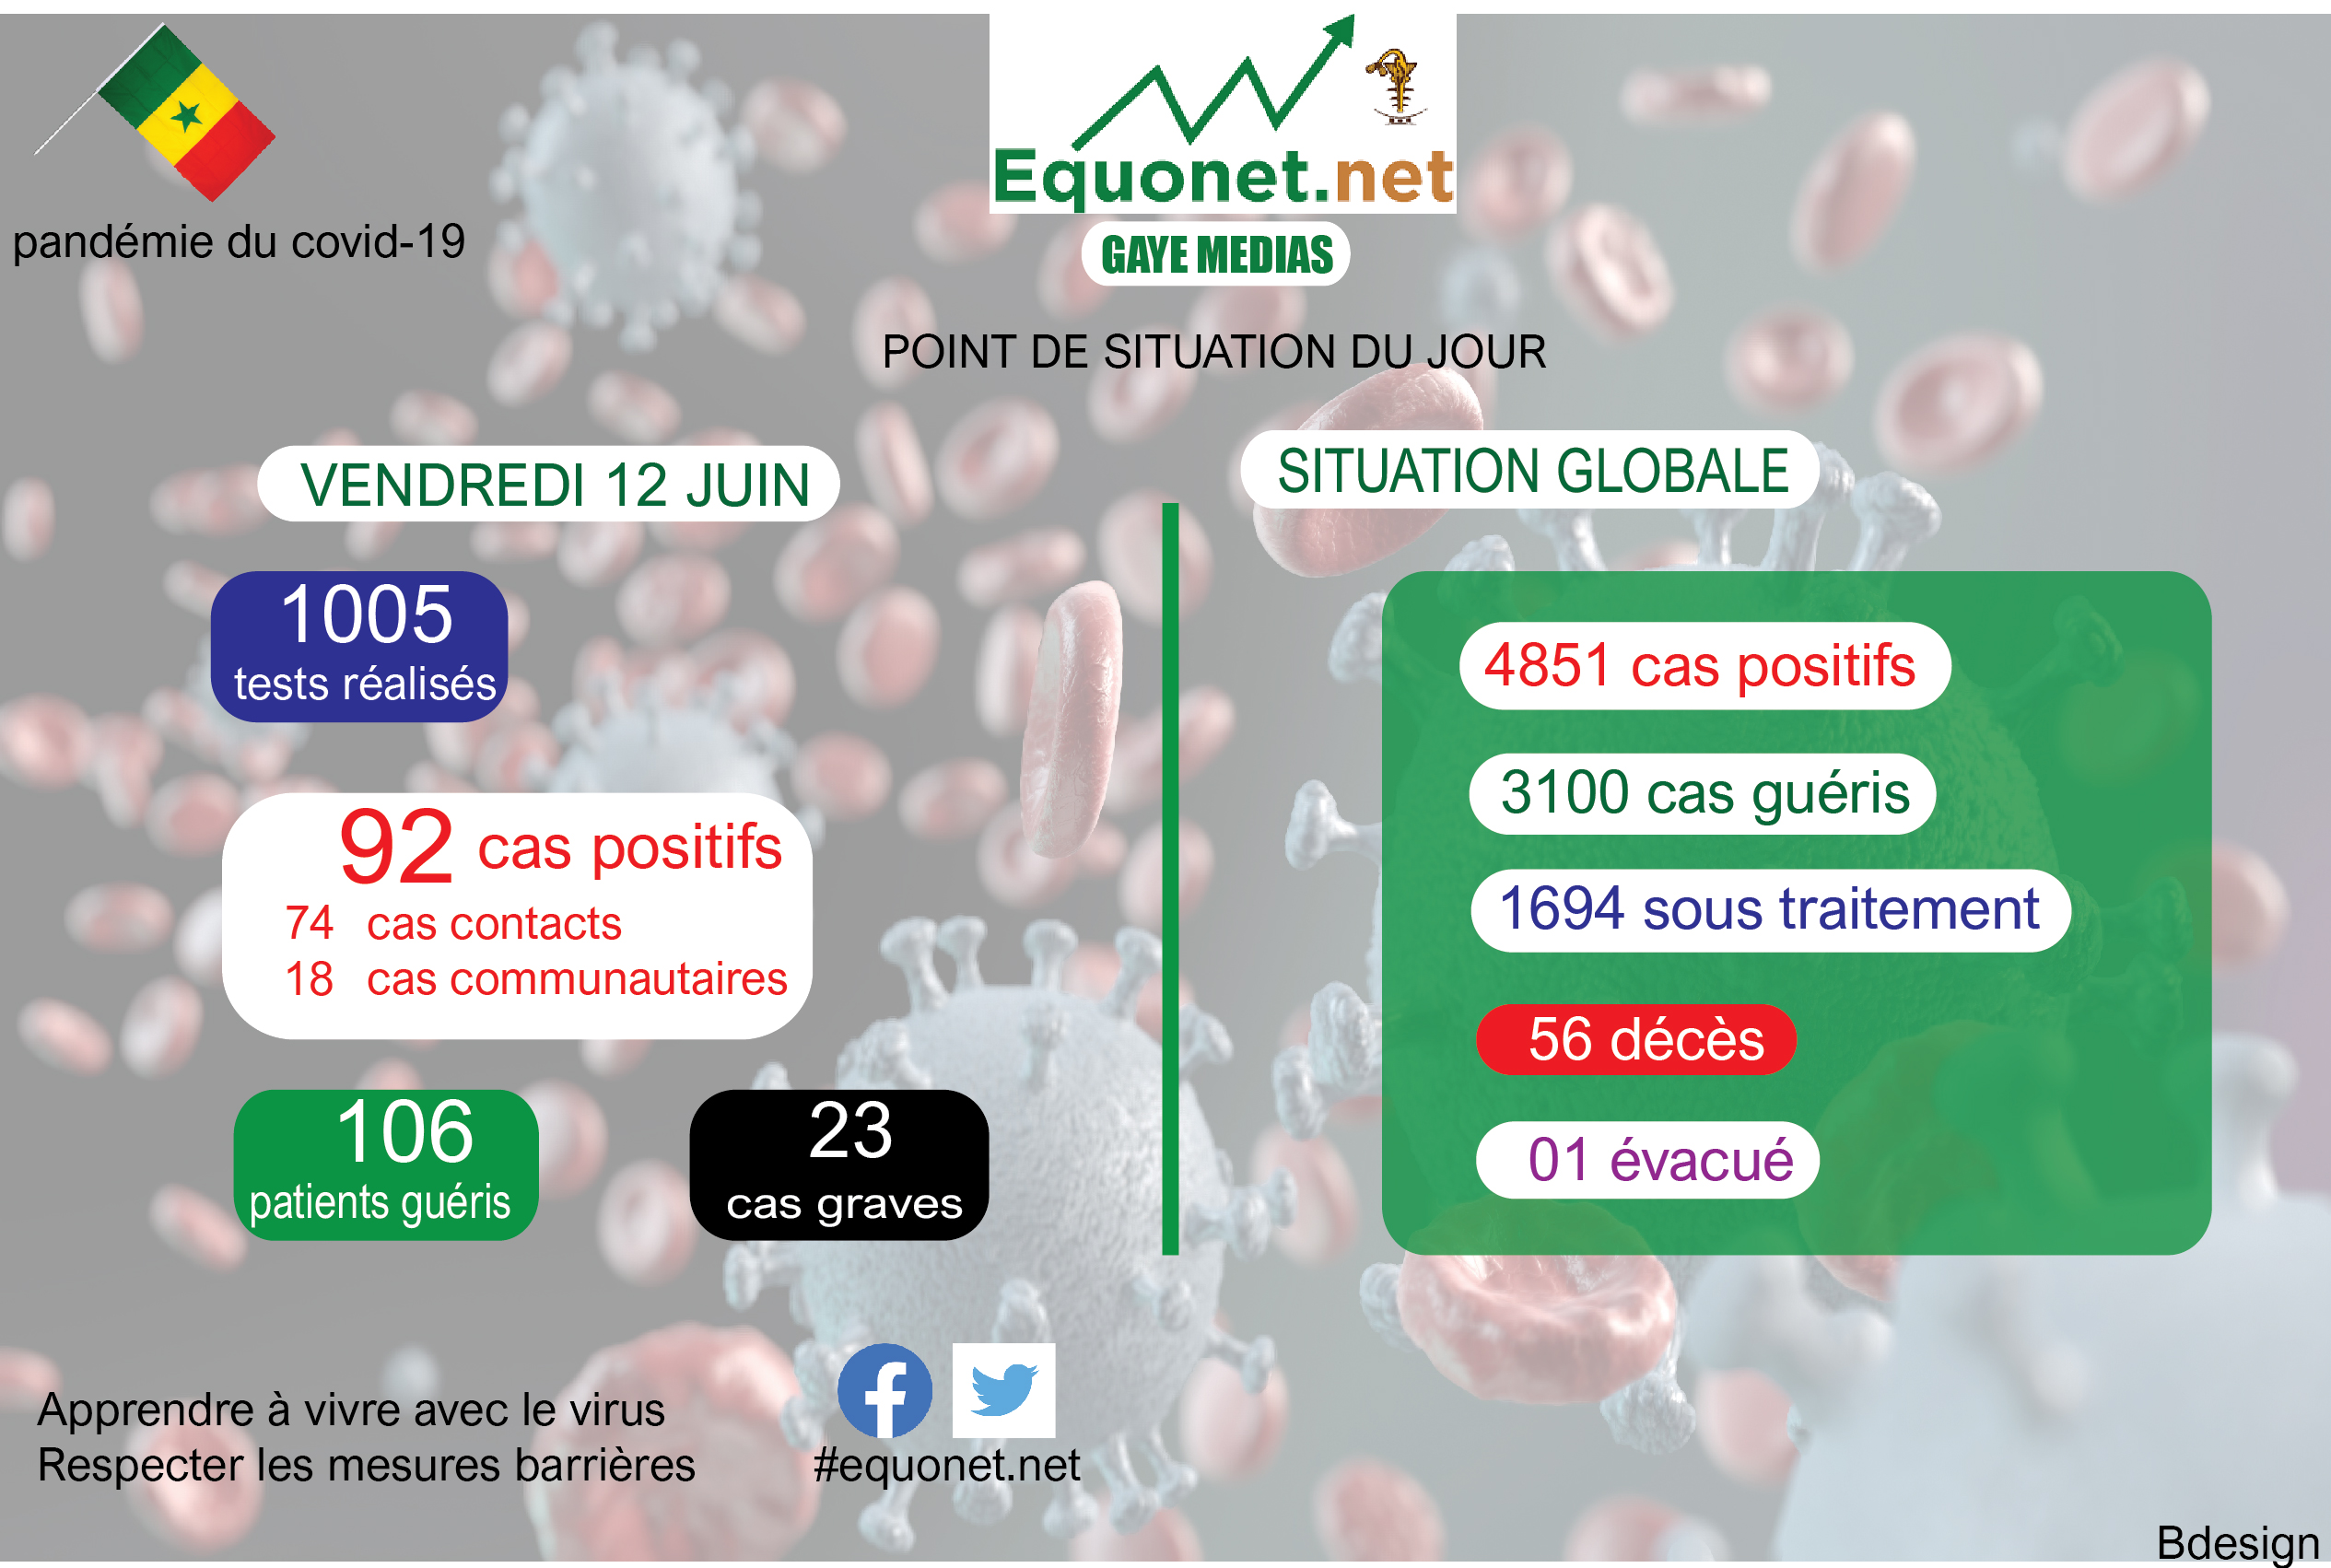 pandémie du coronavirus-covid-19 au sénégal : point de situation du vendredi 12 juin 2020